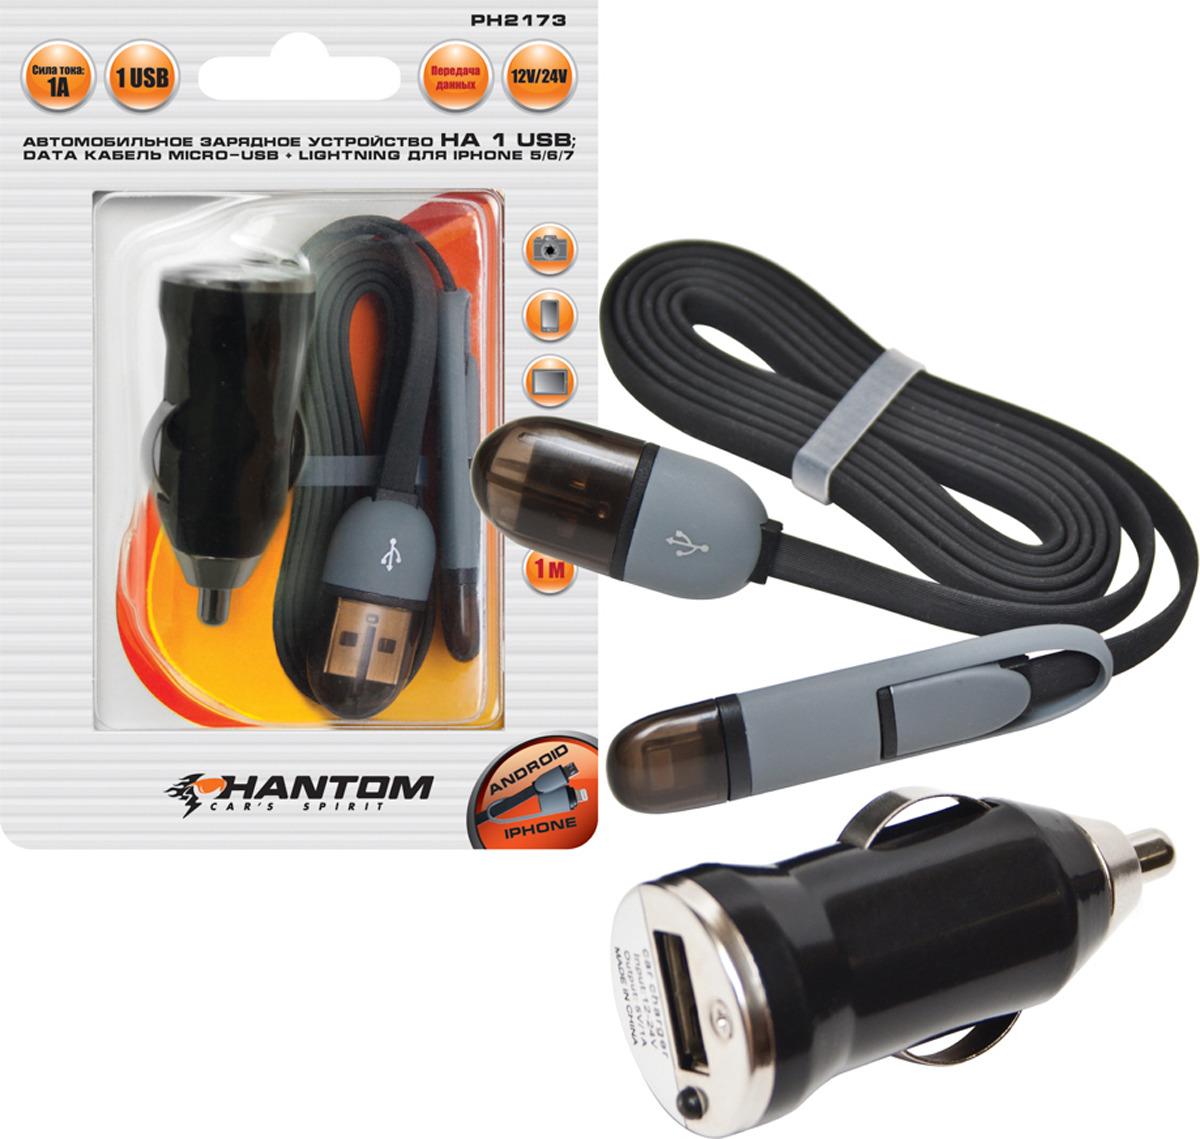 цена на Автомобильное зарядное устройство Phantom, с кабелем, 1 USB порт, PH2173